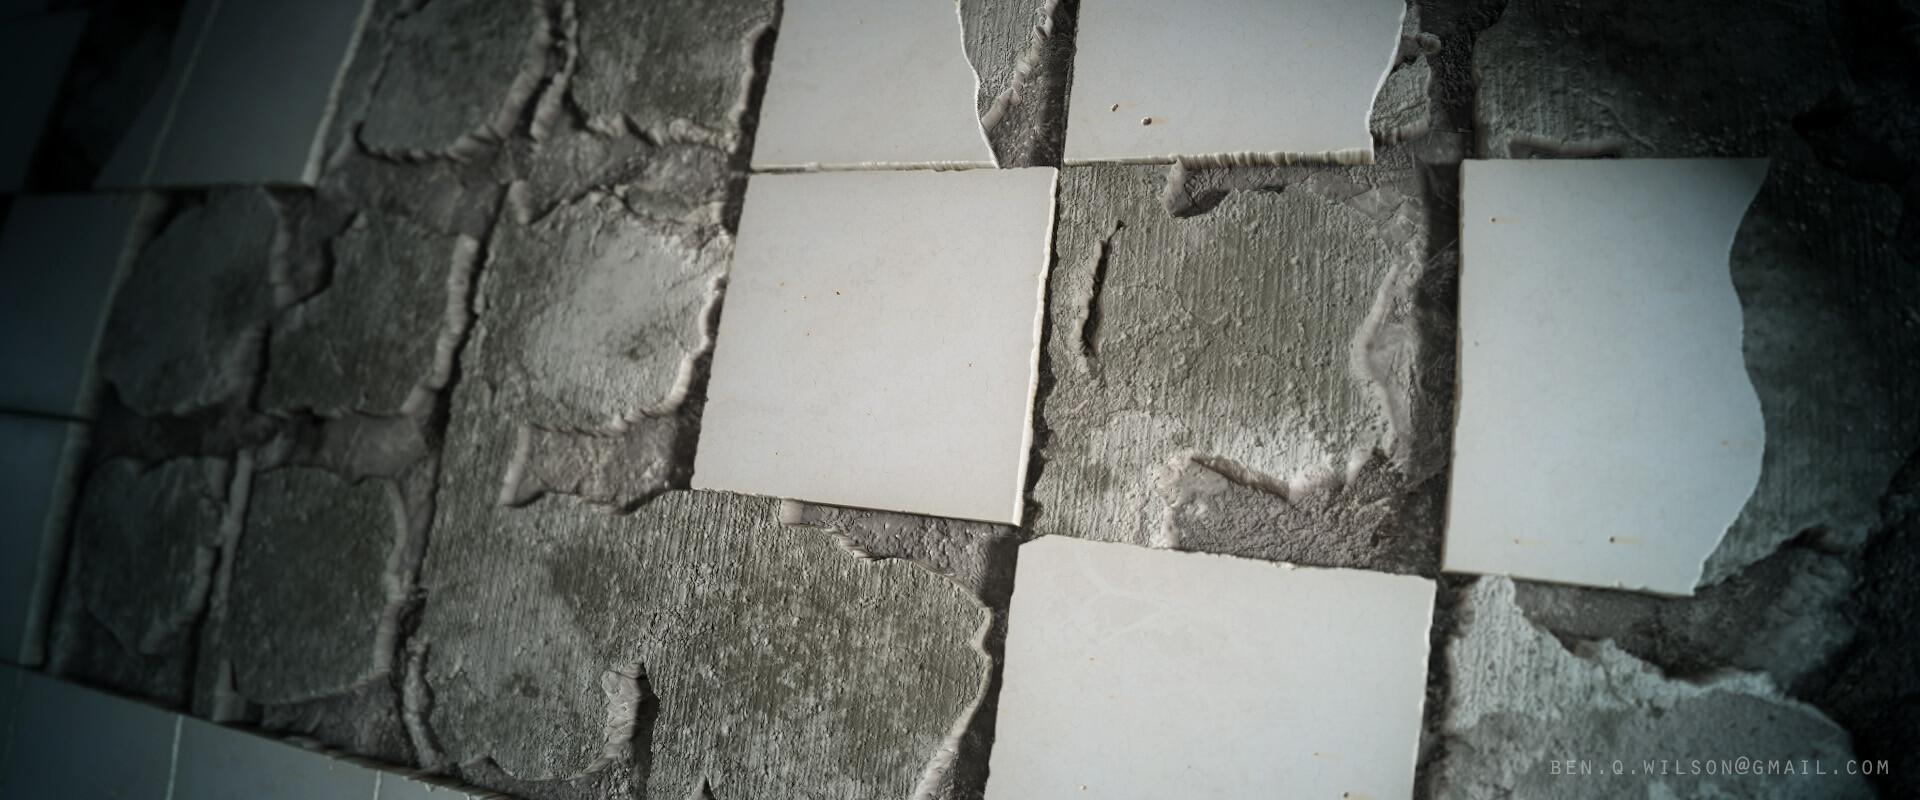 Ben wilson broken tiles b render 2